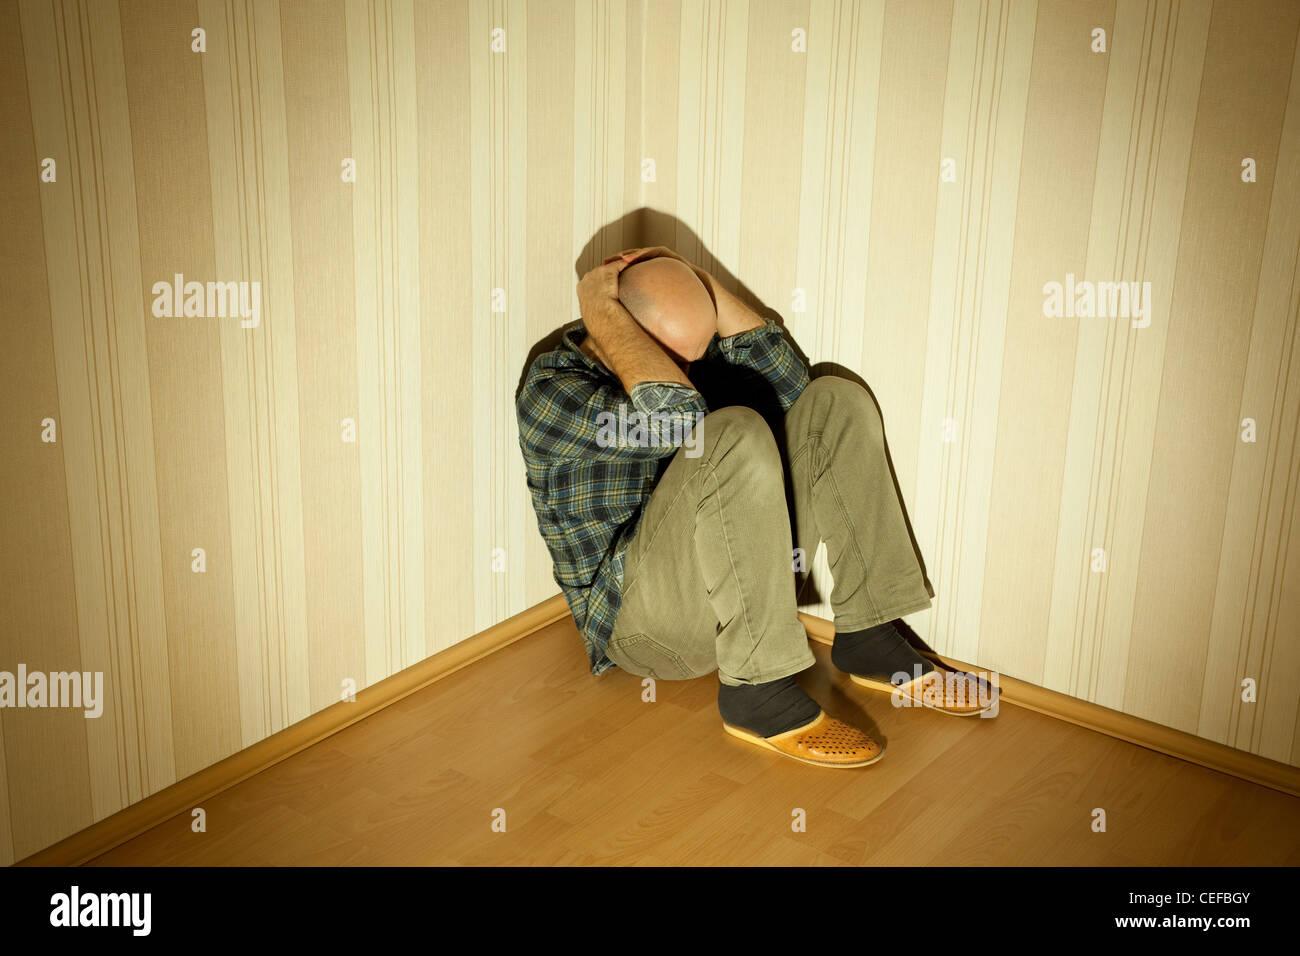 Homme seul dans l'angle mauvais sur la dépression Photo Stock